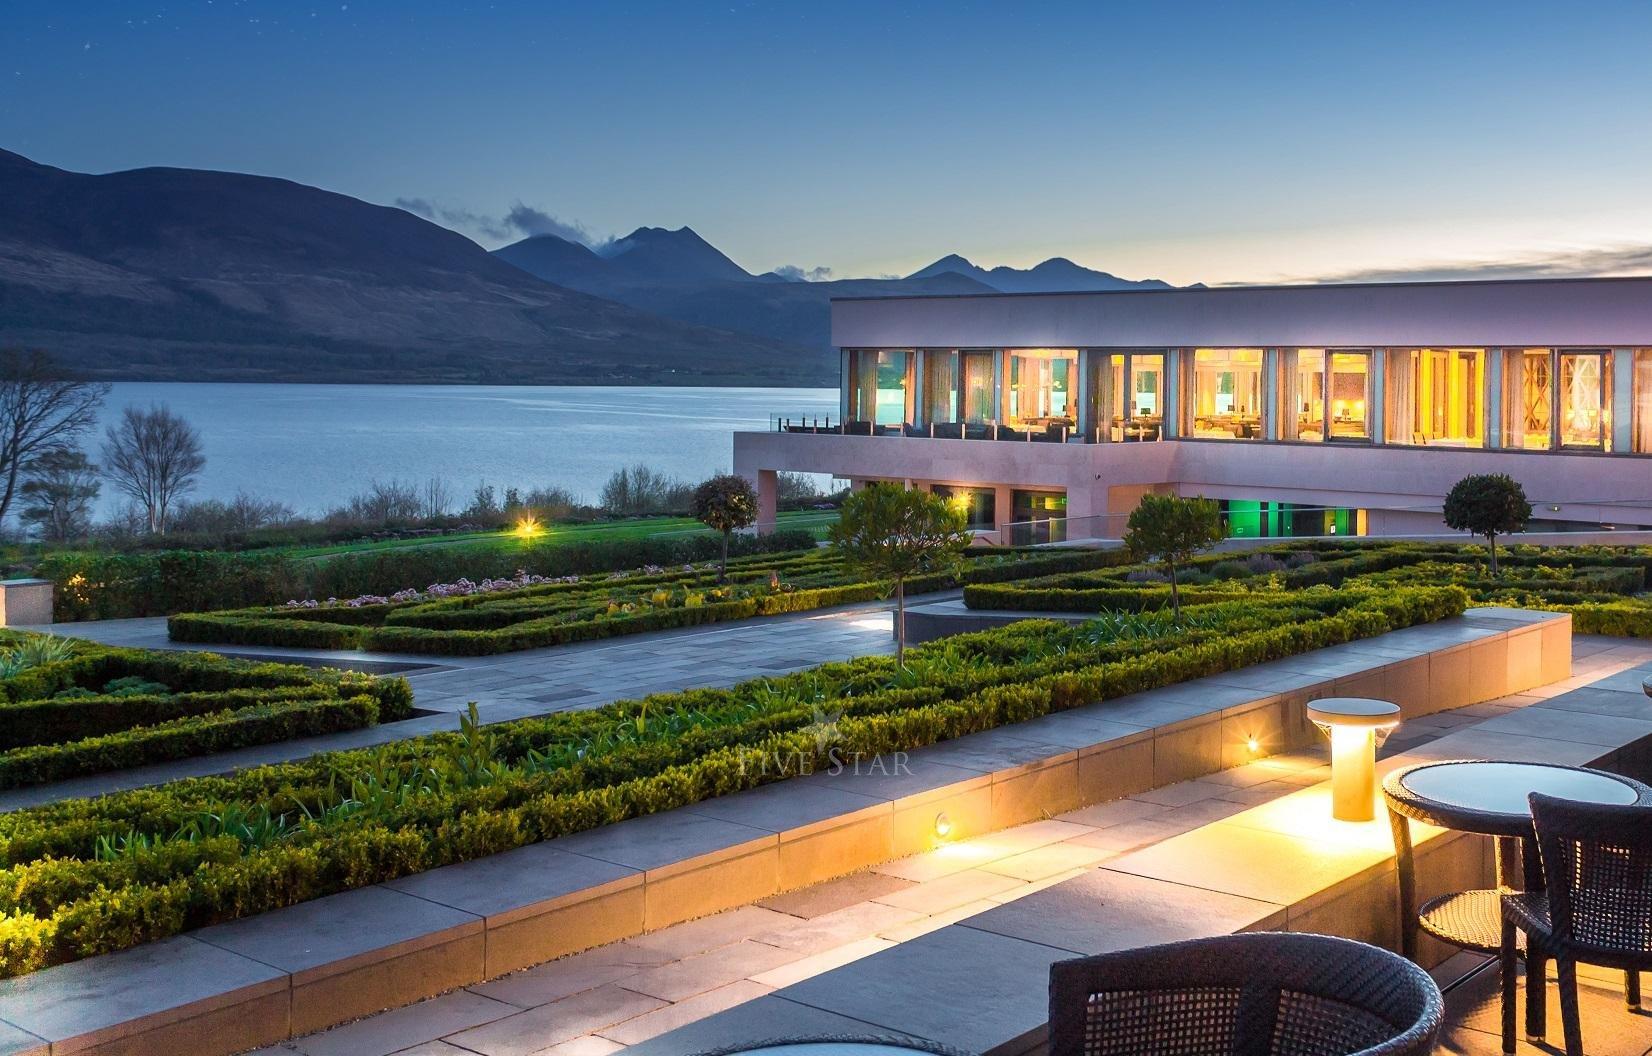 The Europe Hotel Amp Resort